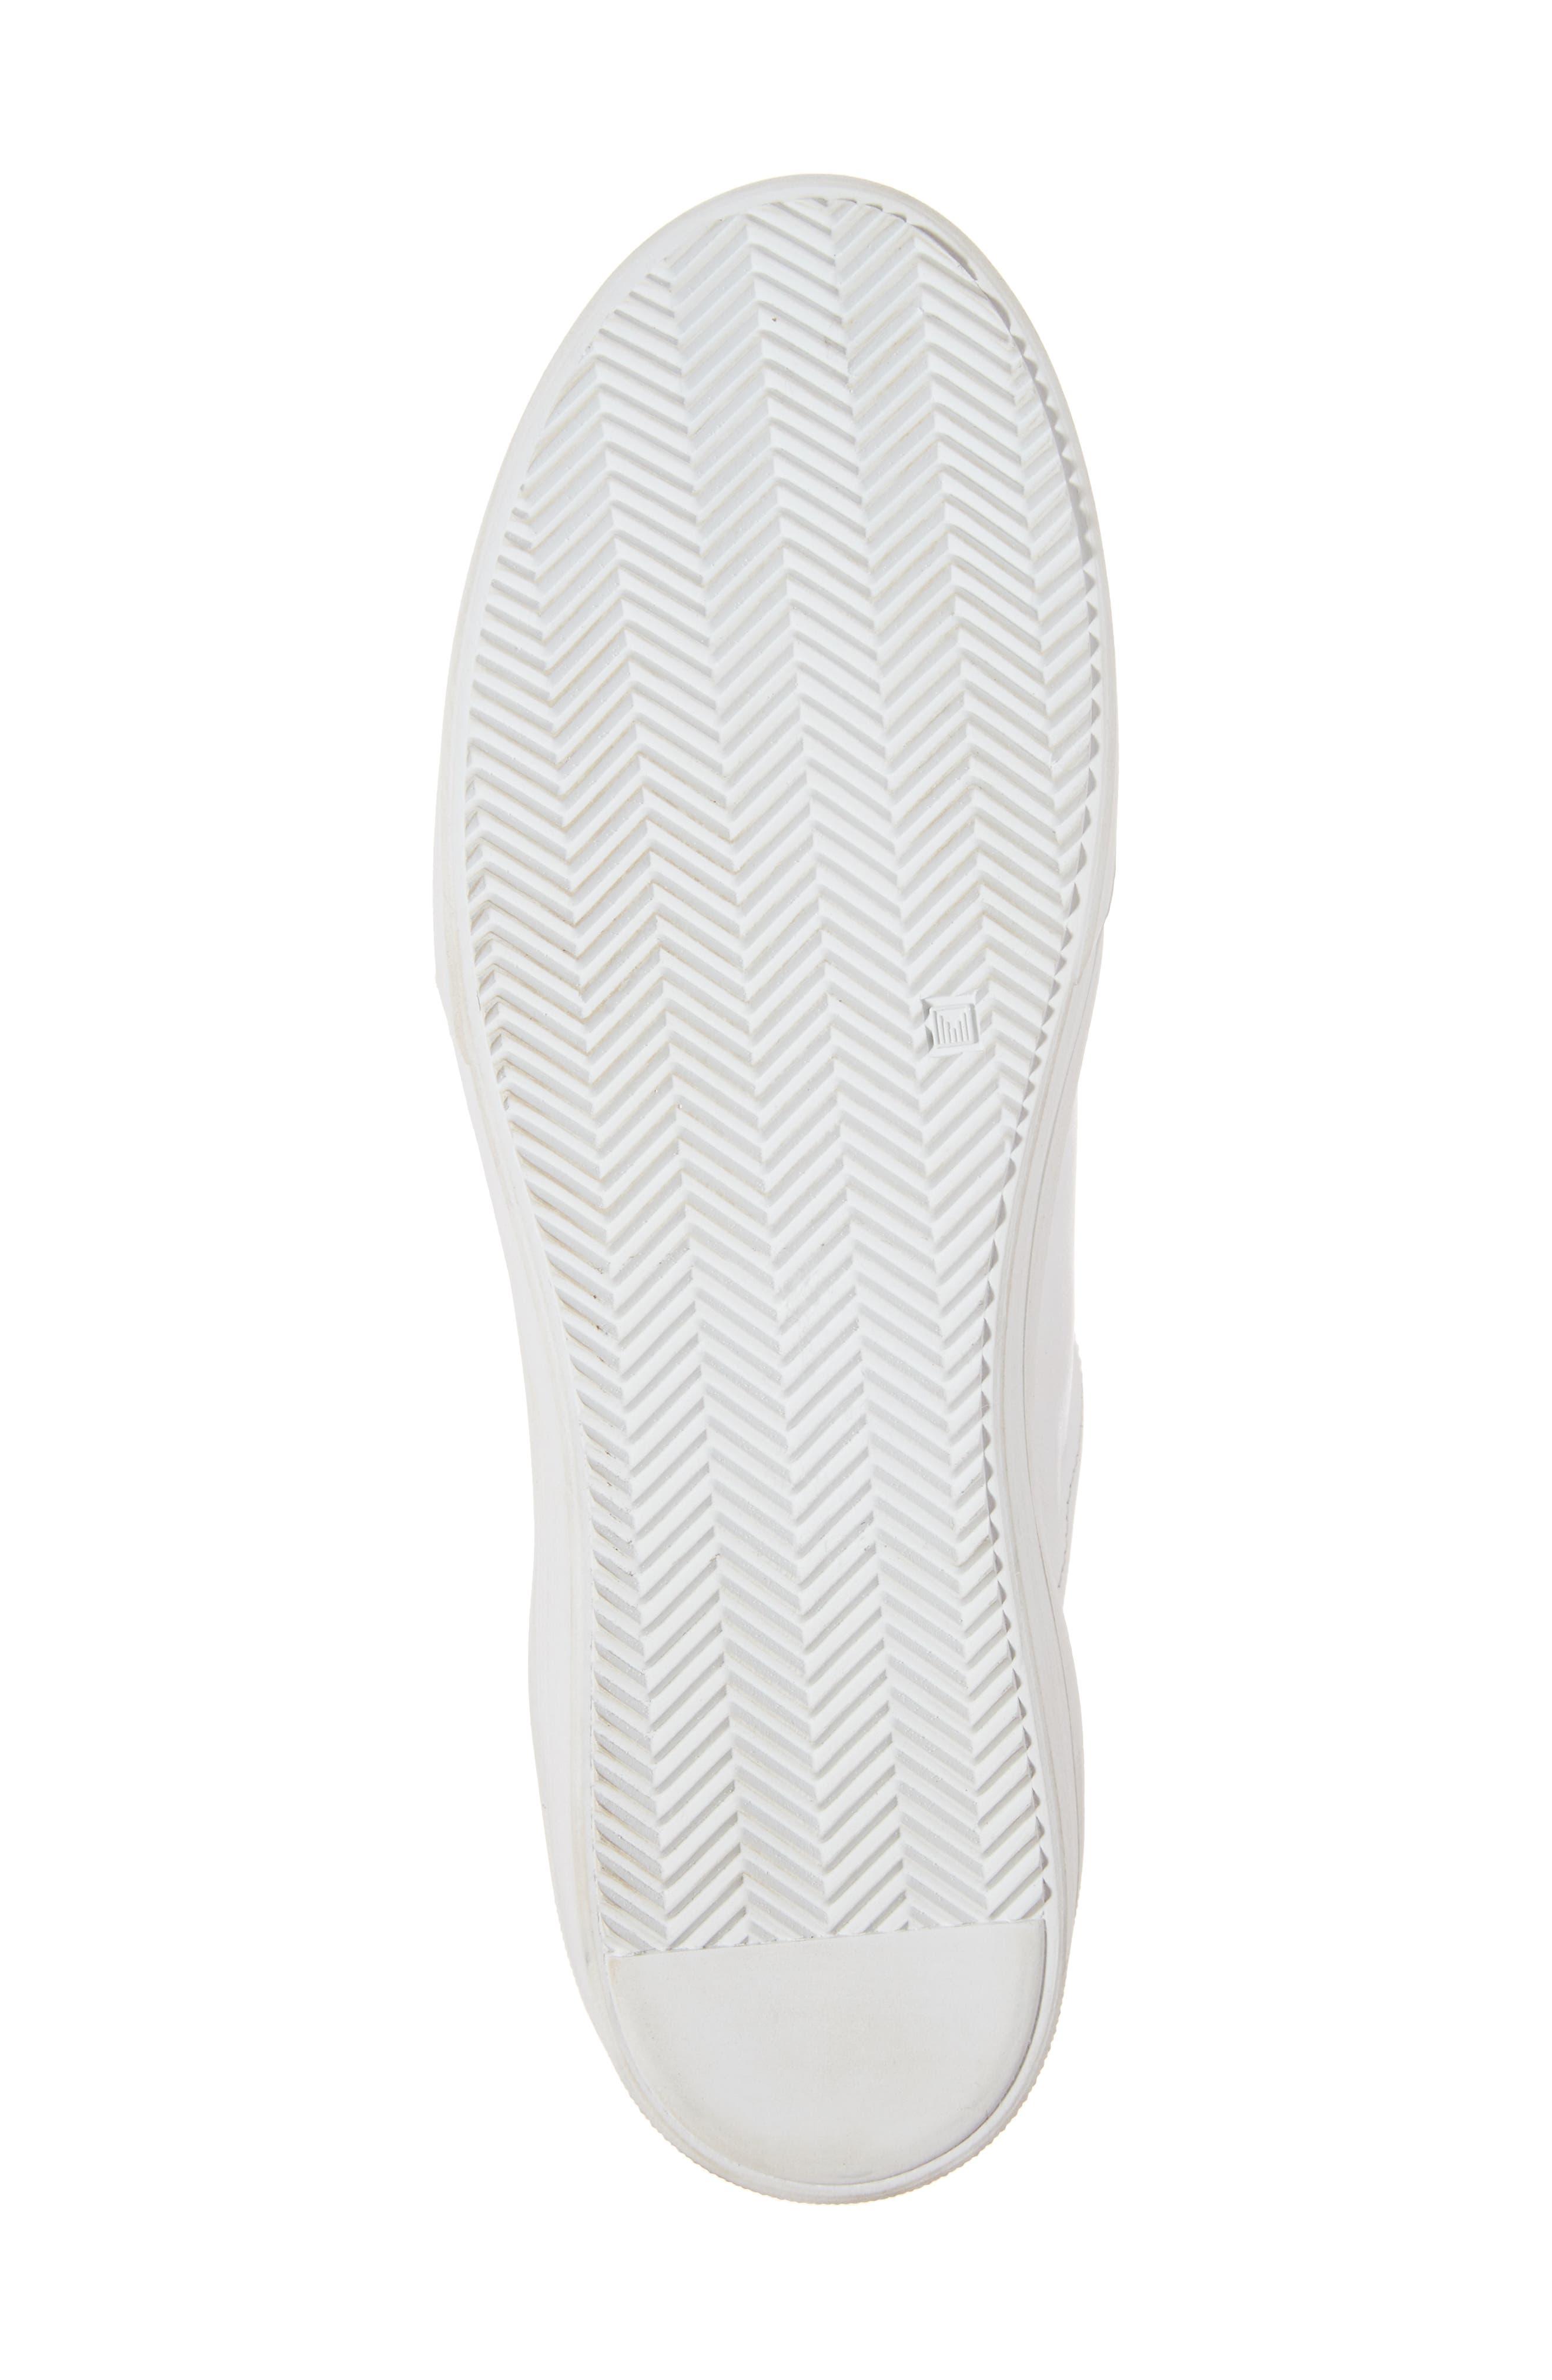 Lalibela Sneaker,                             Alternate thumbnail 6, color,                             White/Patent White